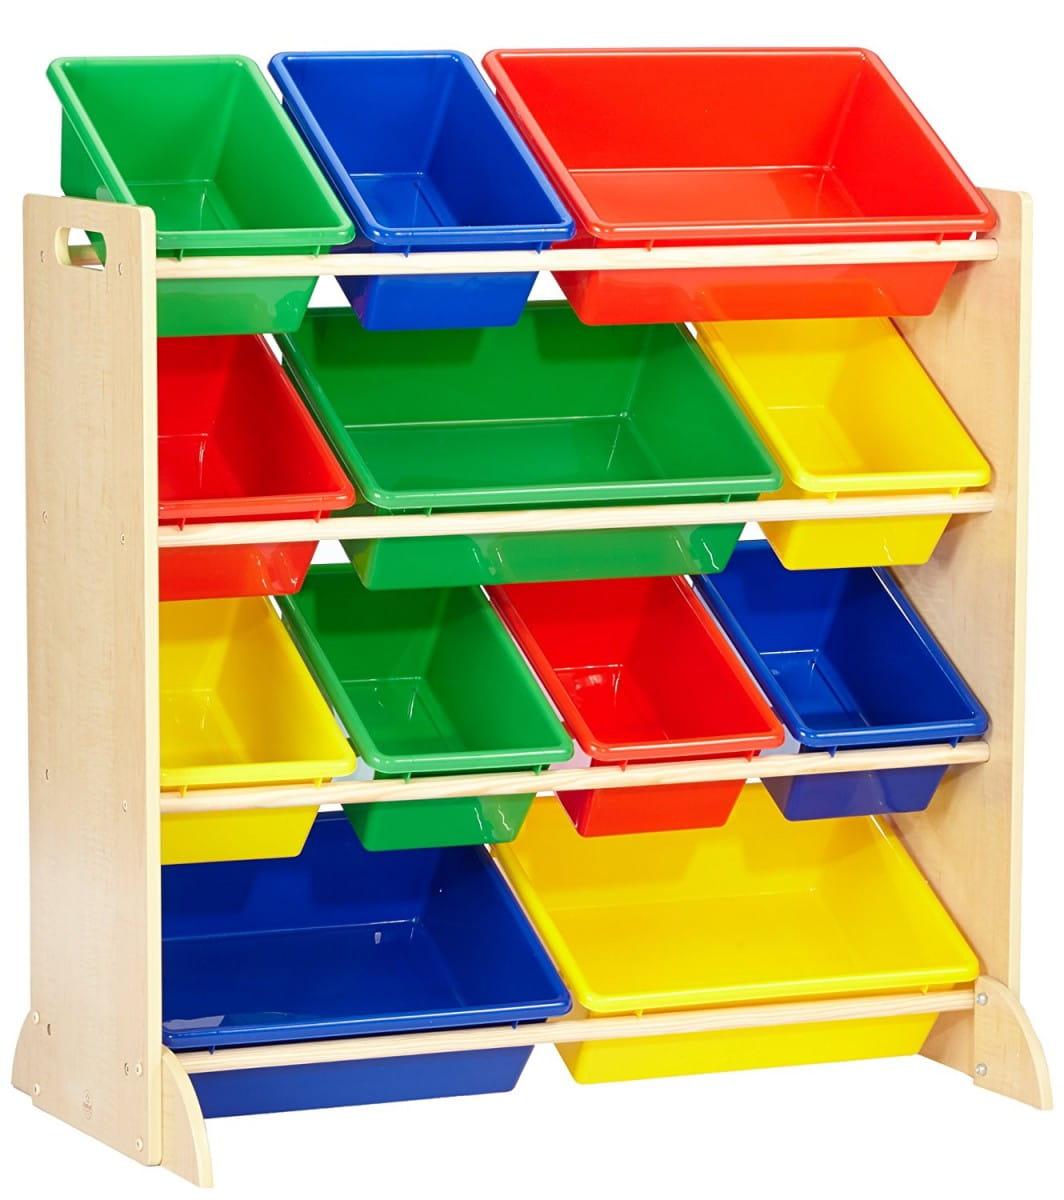 Система хранения KIDKRAFT с 12 контейнерами